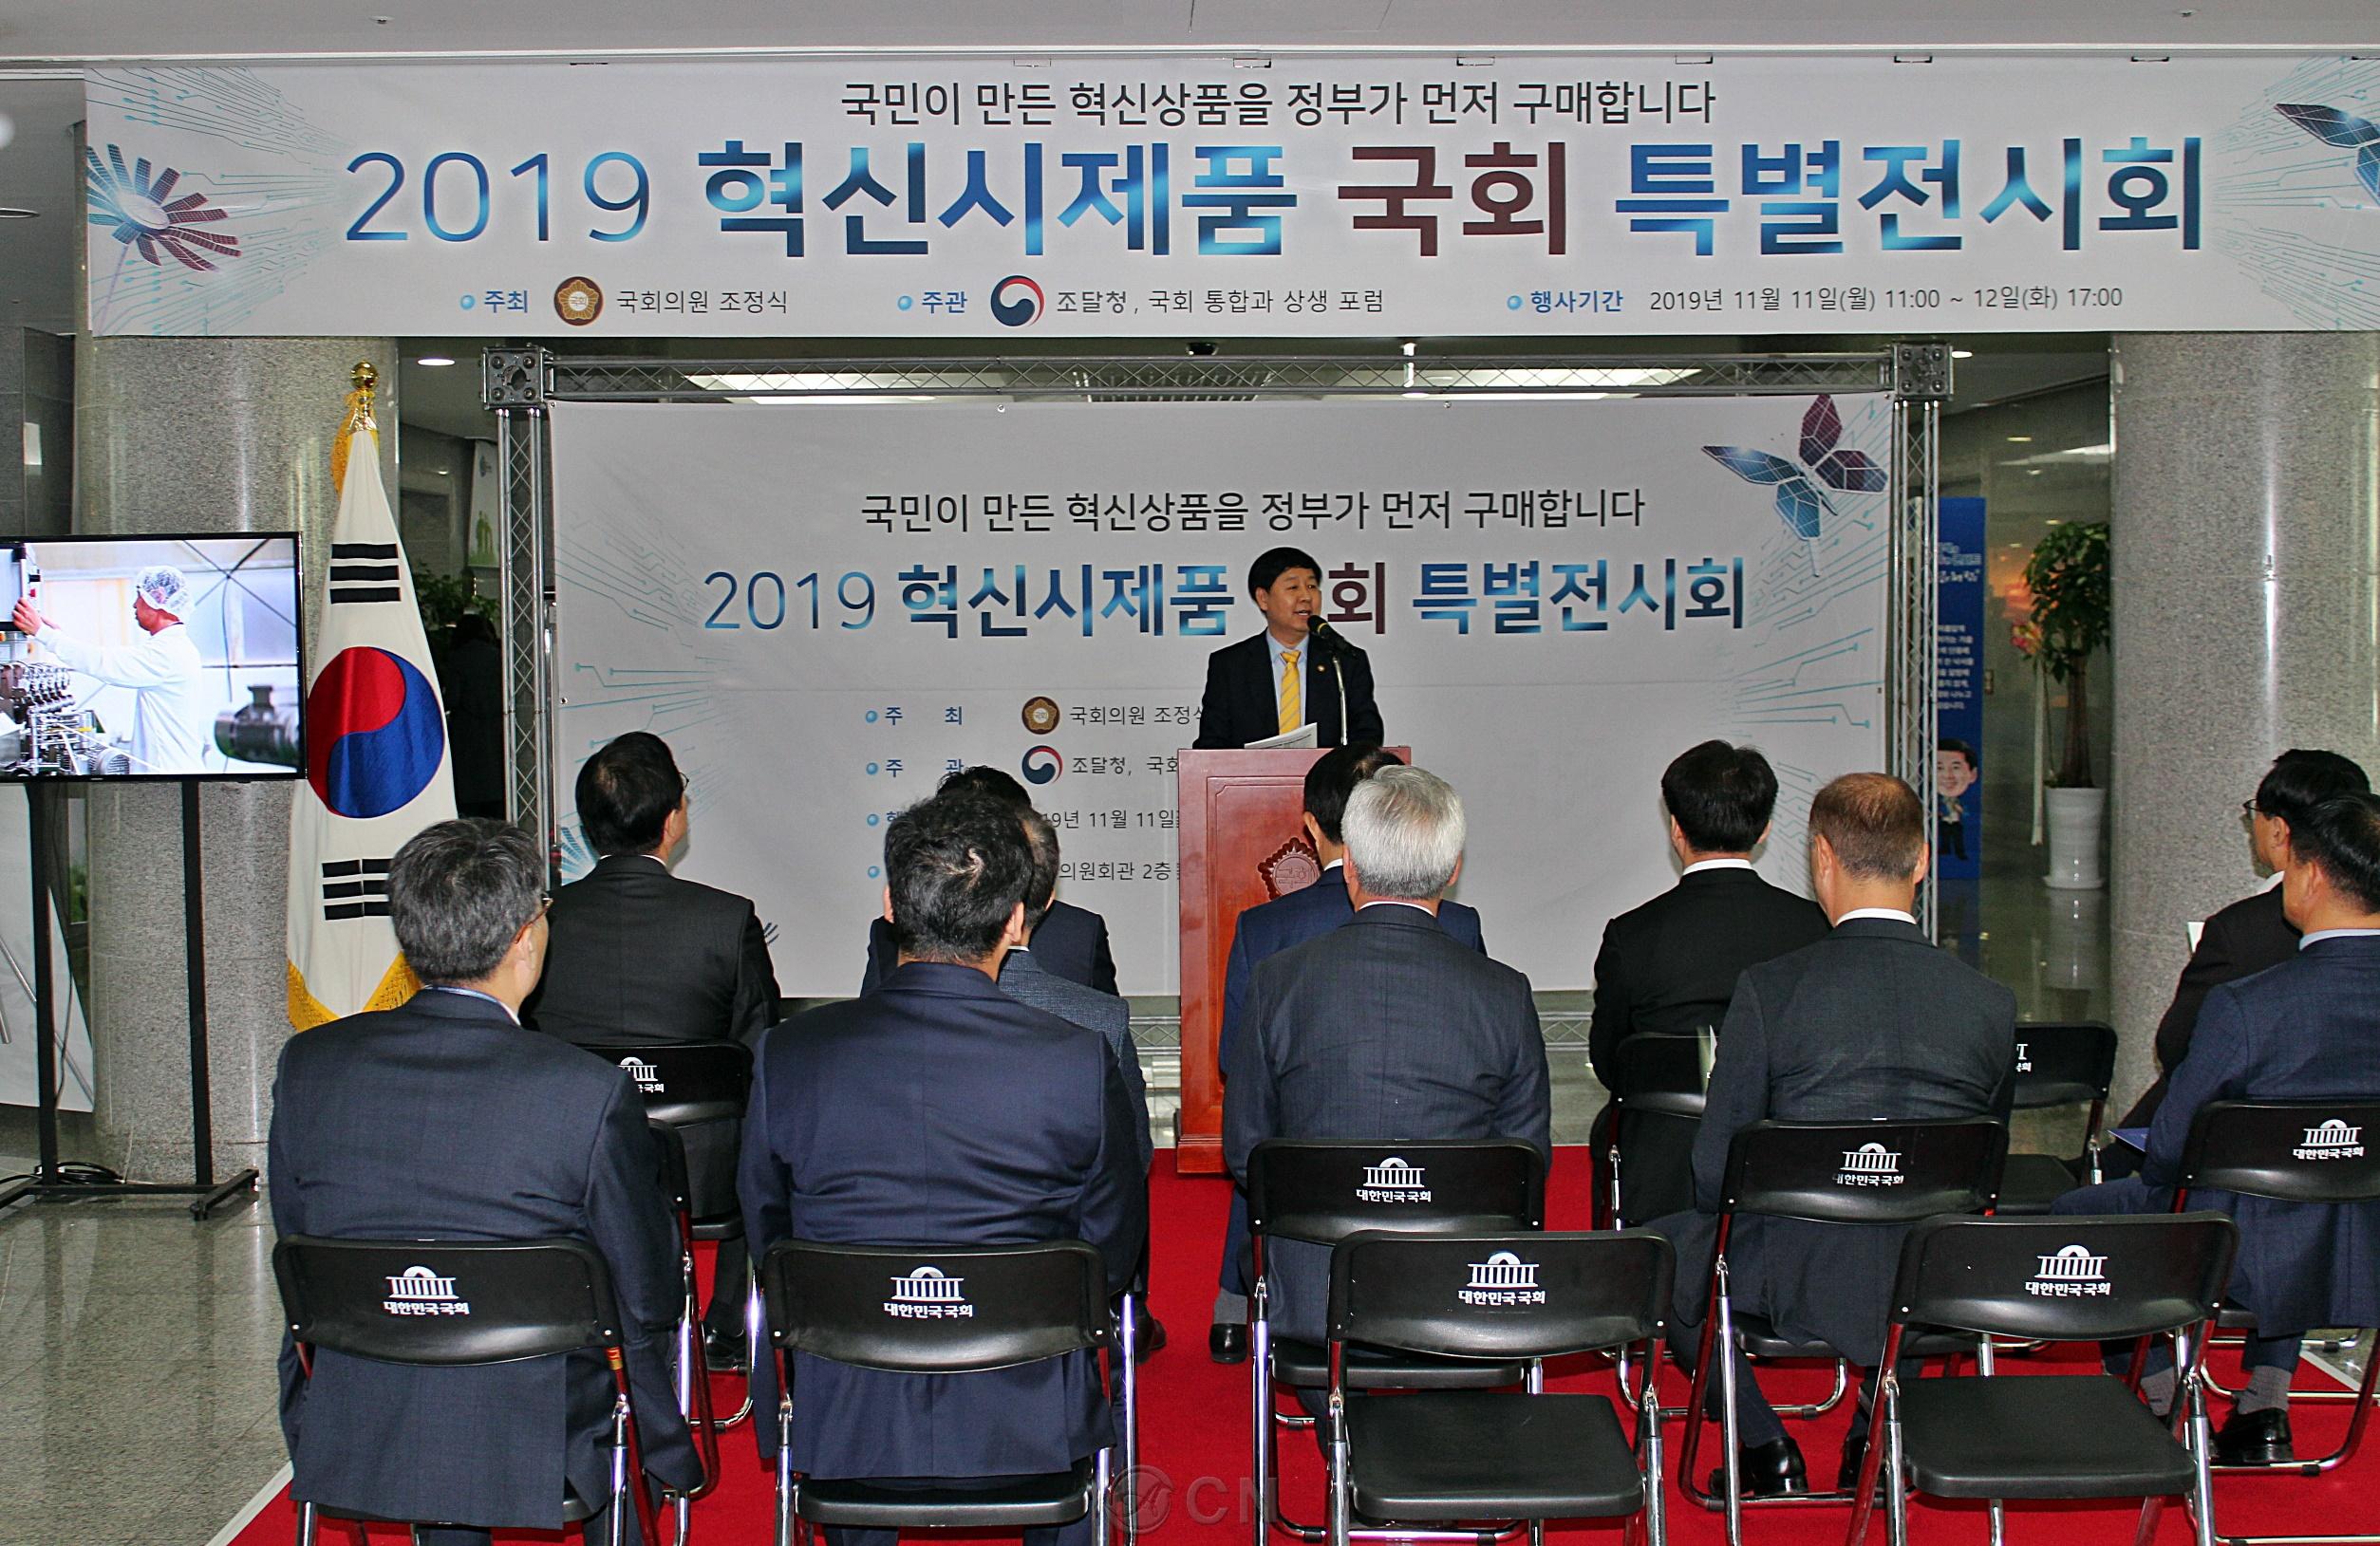 [현장포토] 국회 특별전시회에서 '혁신시제품 국회 특별전시회' 개최